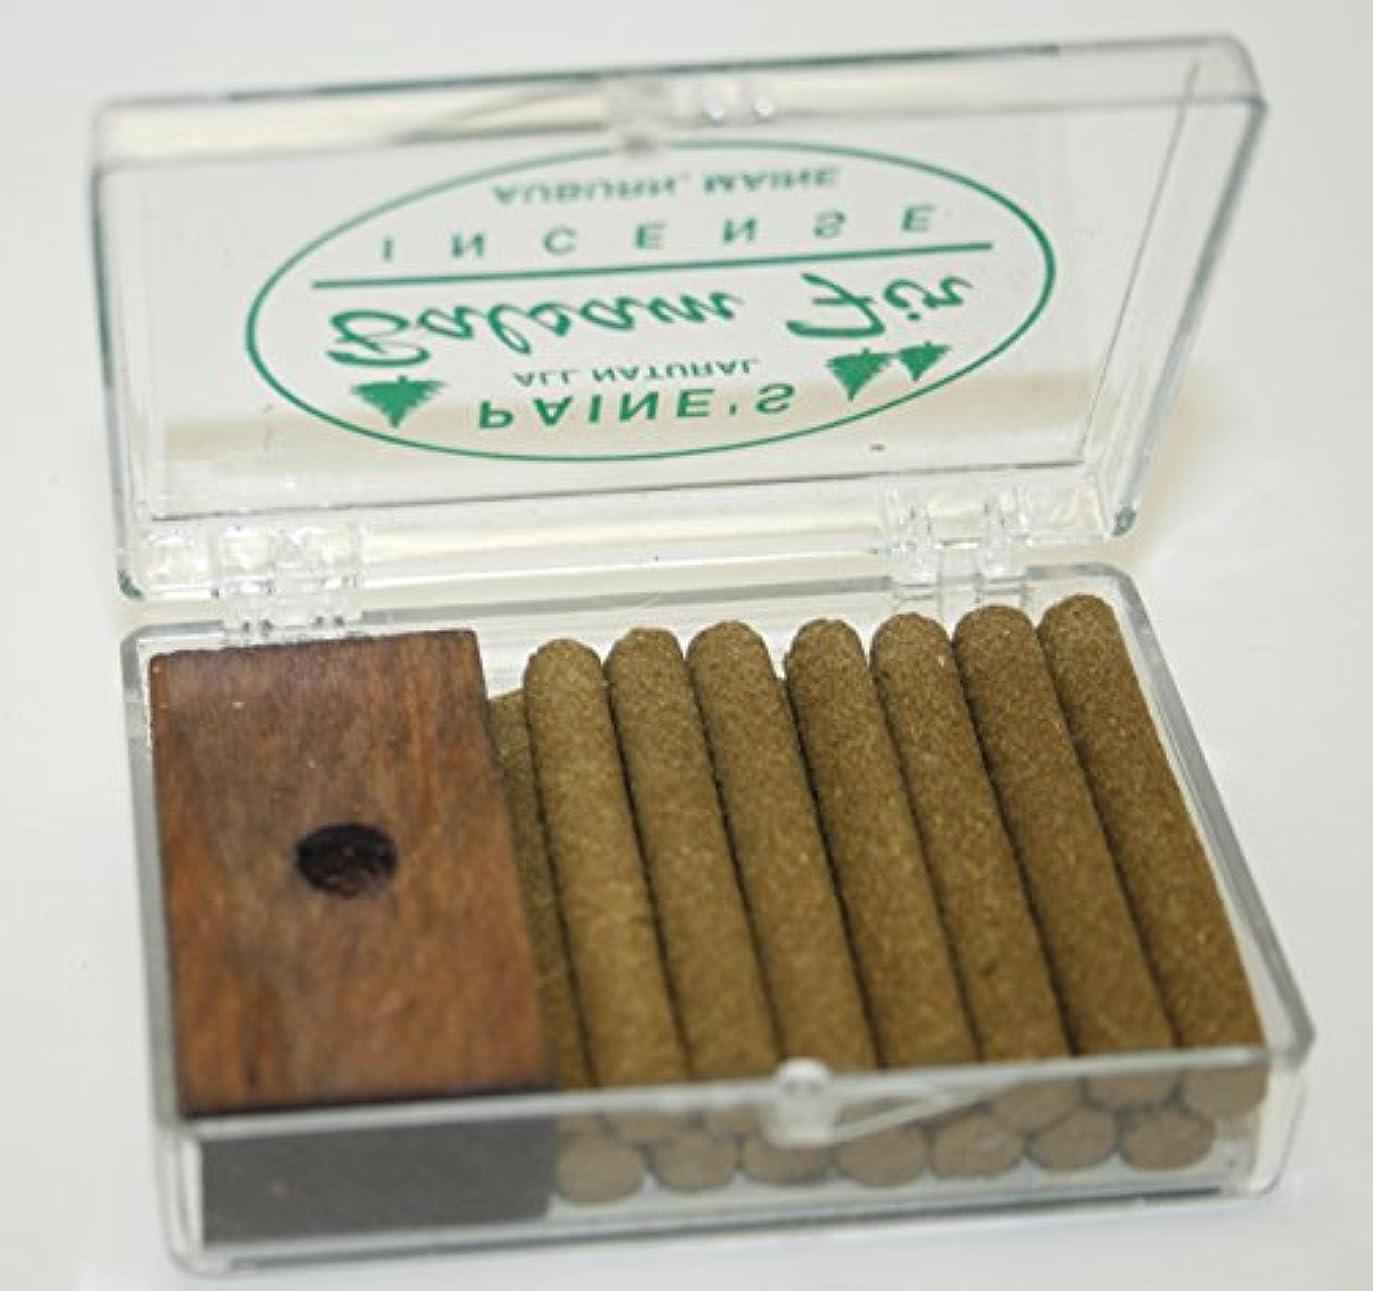 危険ラベいらいらするINCENSE & BURNER comes w/ 14 balsam fir sticks Paine's wood holder lodge style by Paine's